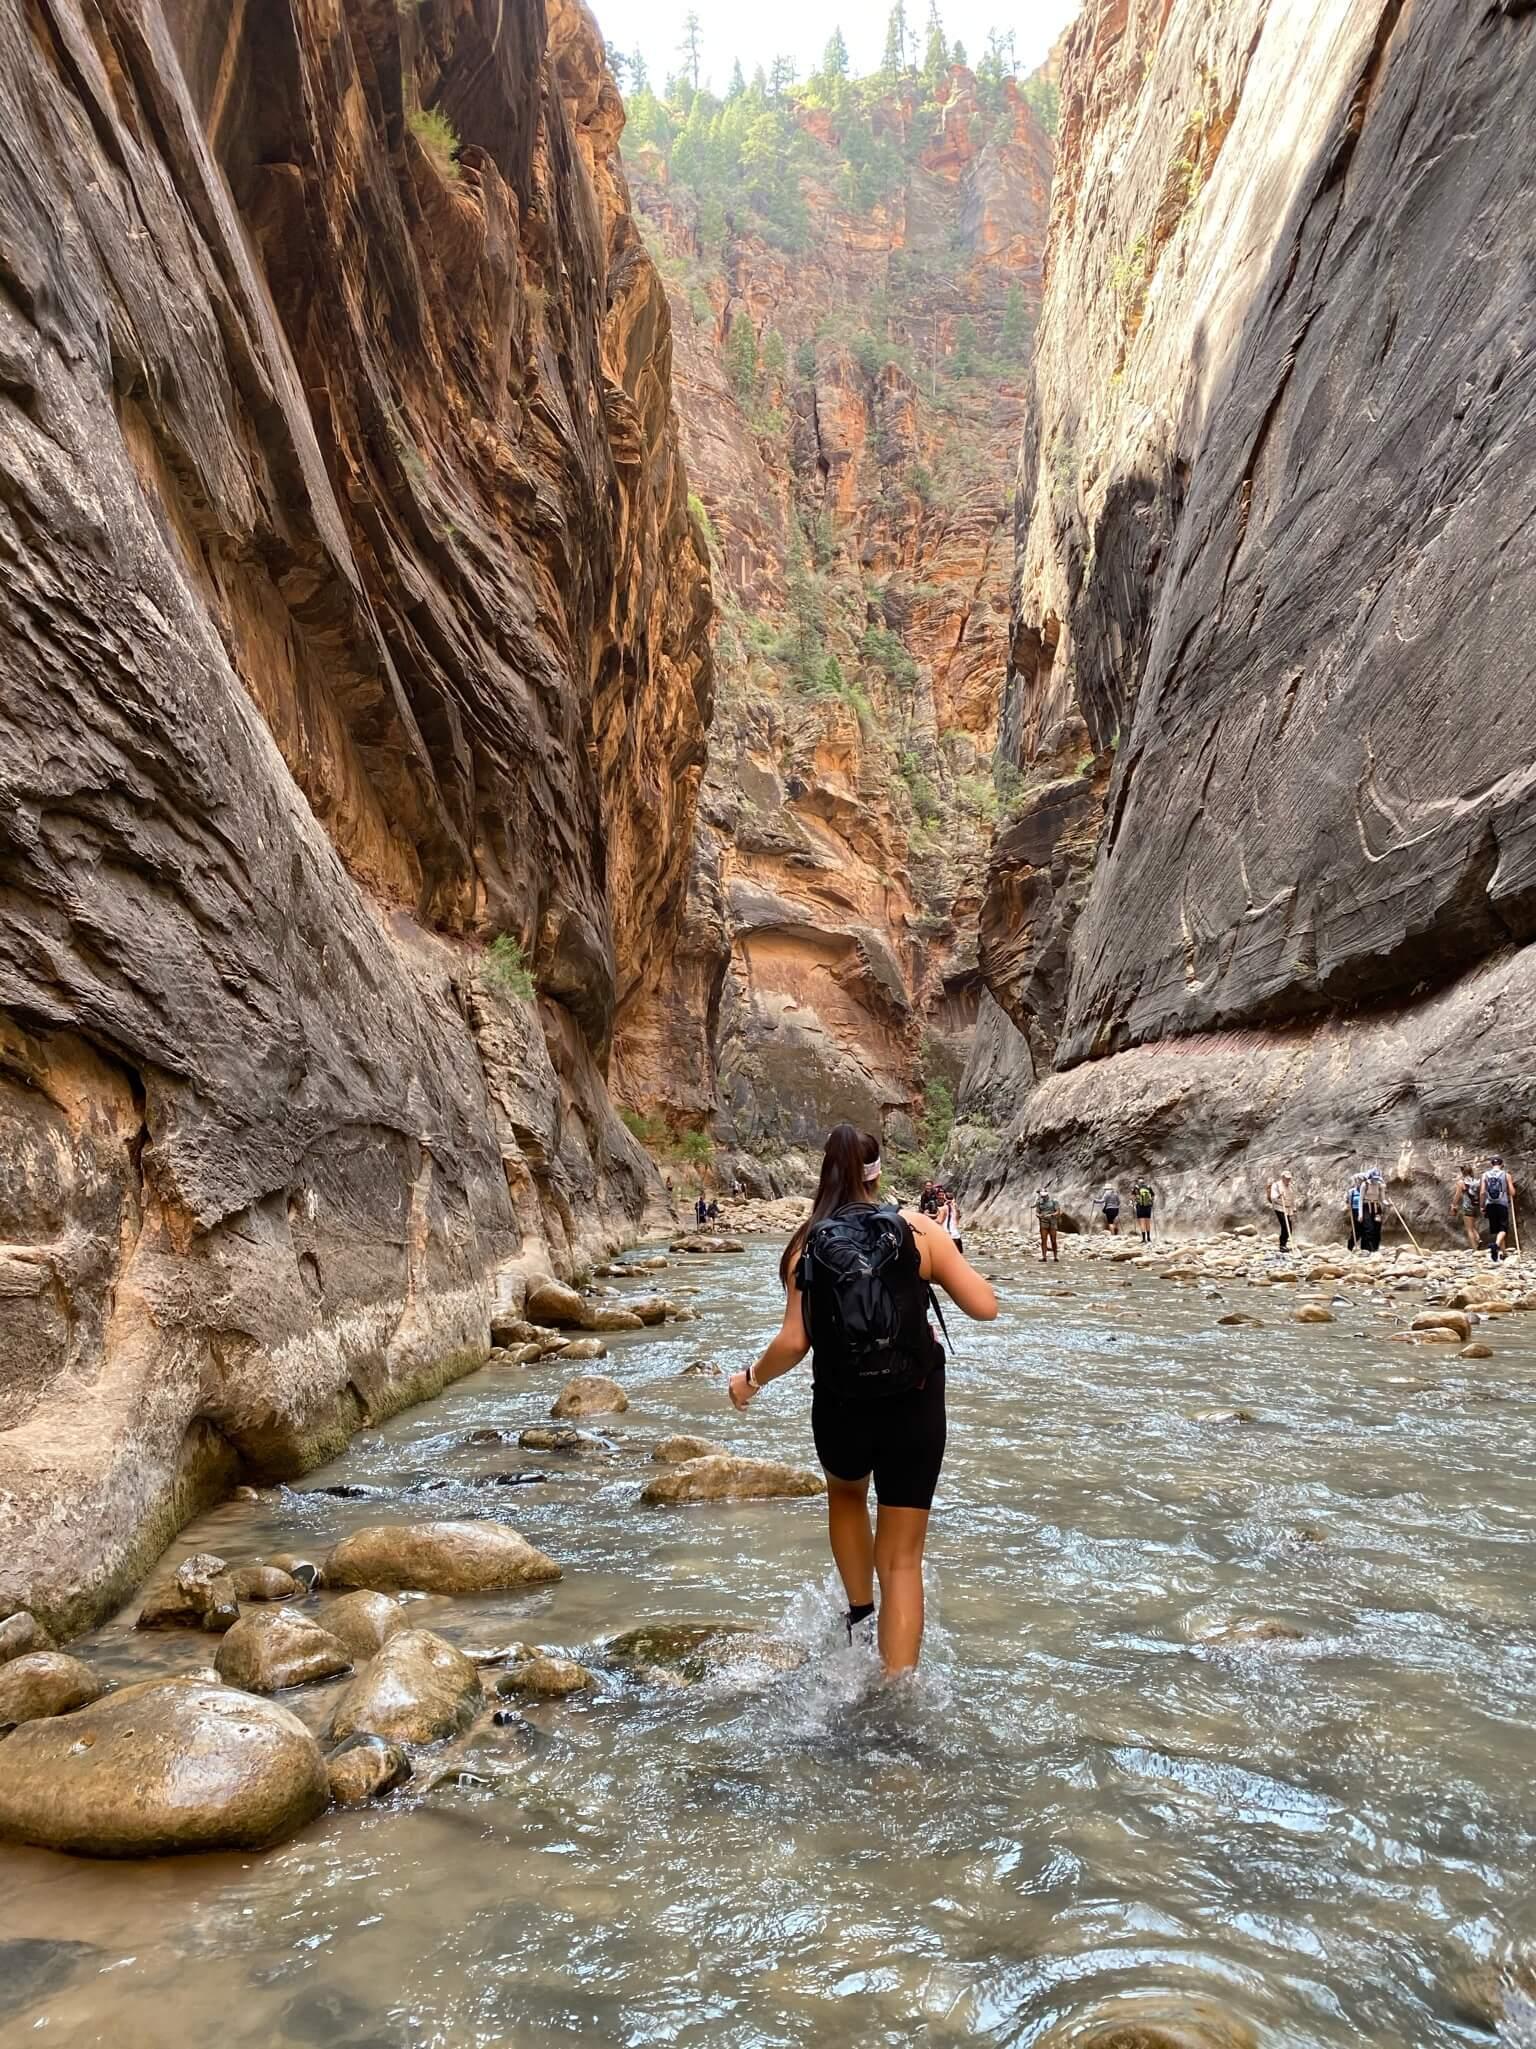 Andrea in between two rock walls.